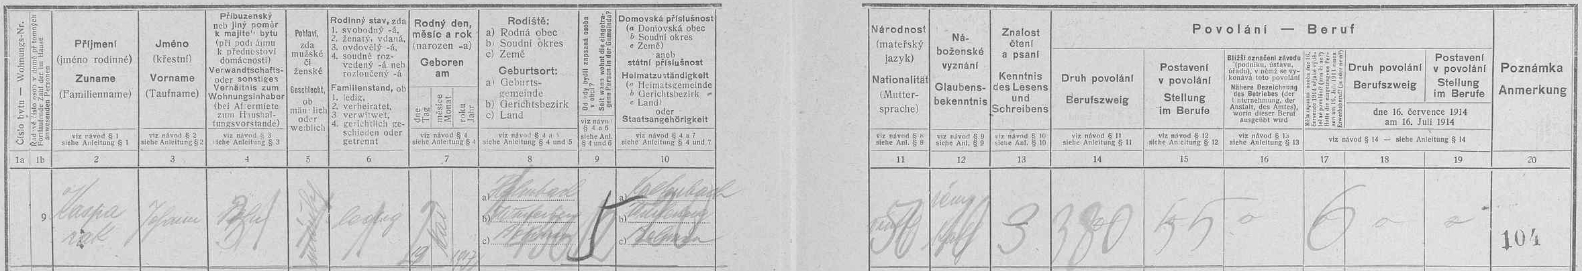 Takto osaměle figuruje na archu sčítání lidu z roku 1921 pro chalupu čp. 11 v Michlově Huti